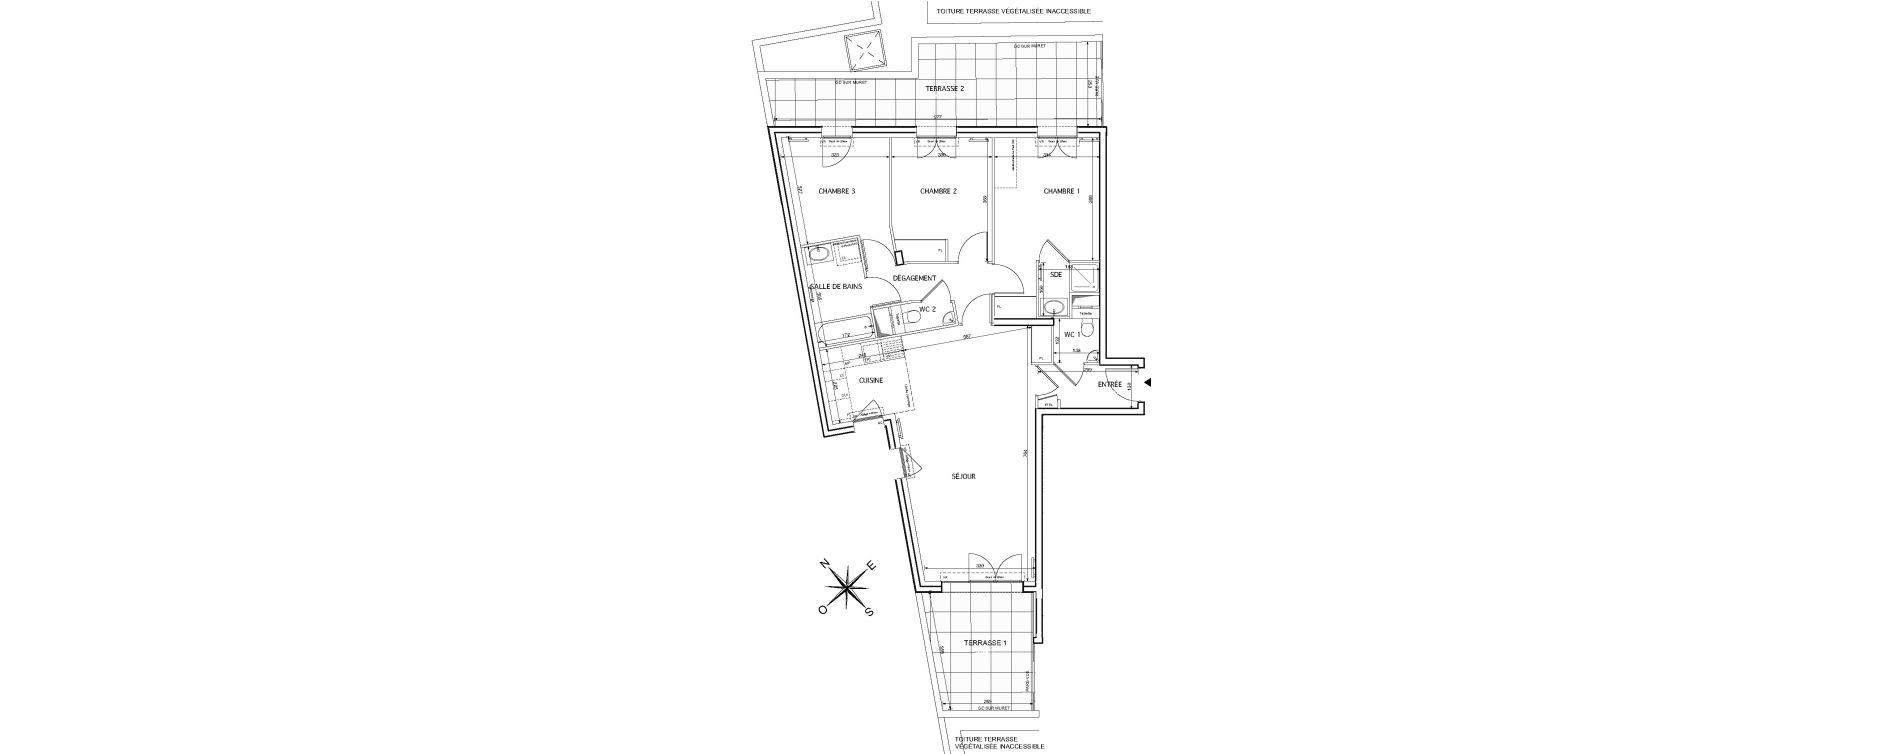 Appartement T4 de 88,08 m2 à Rueil-Malmaison Le mont-valérien